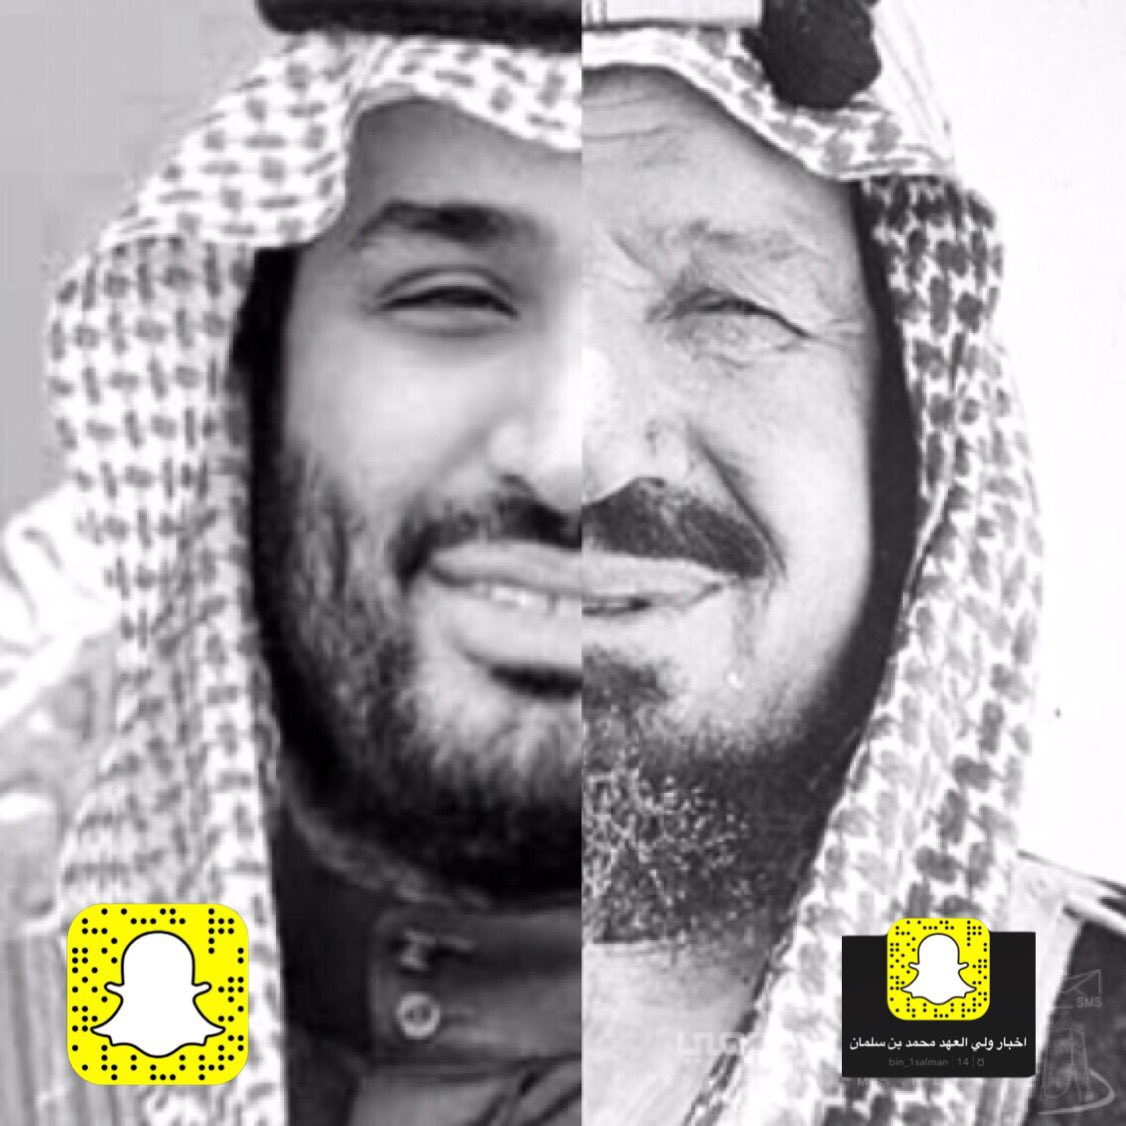 سناب محمد بن سلمان Bin Salman0 Twitter